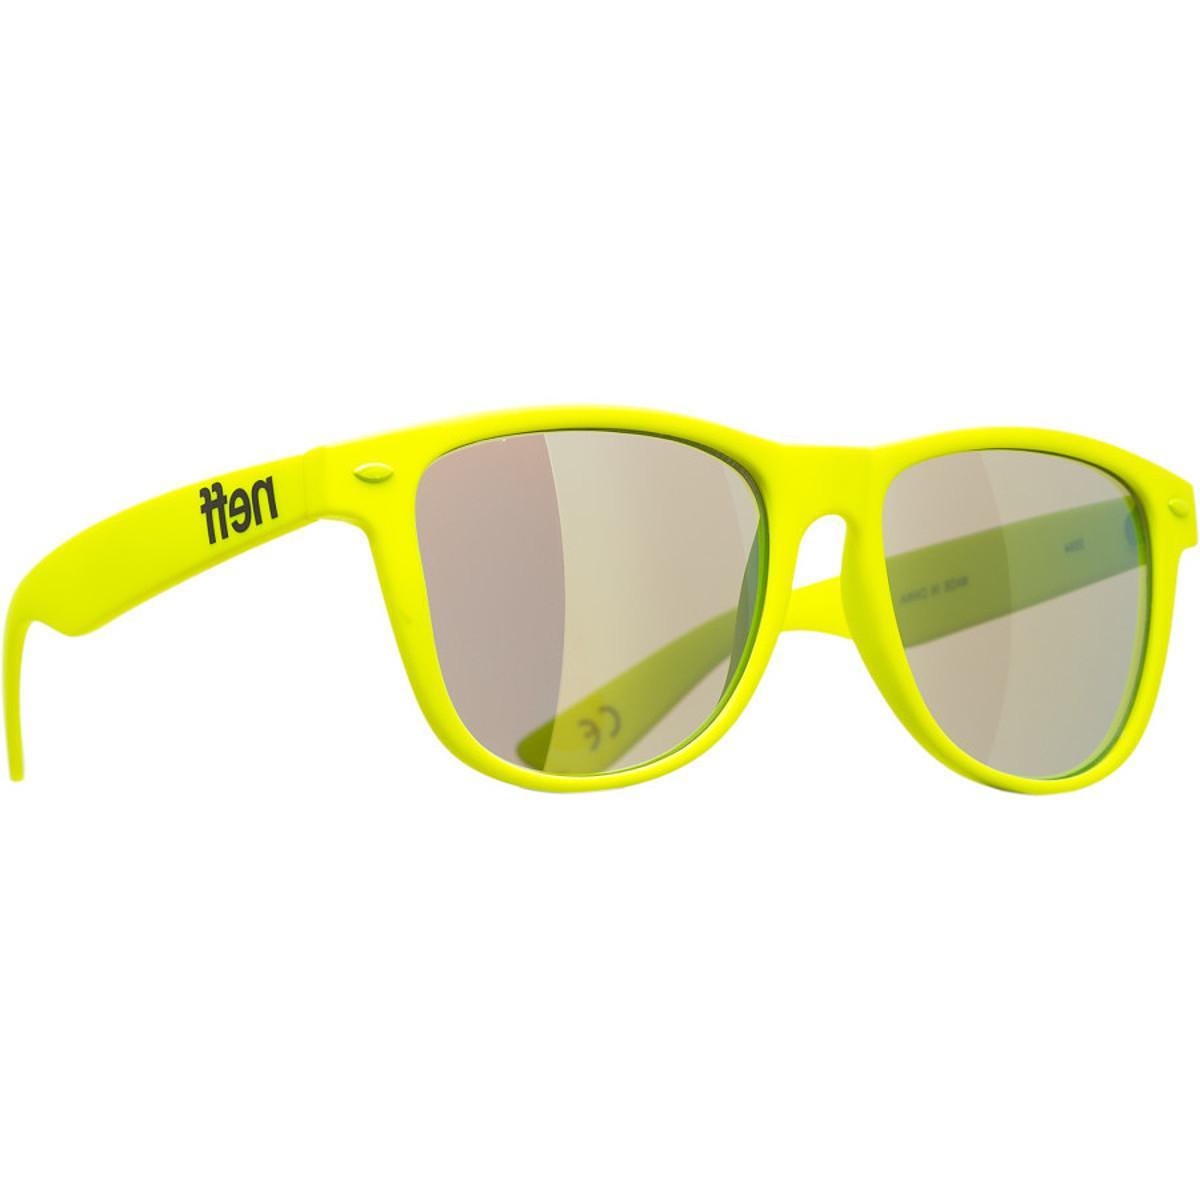 Neff Daily Sunglass Yellow/Pink